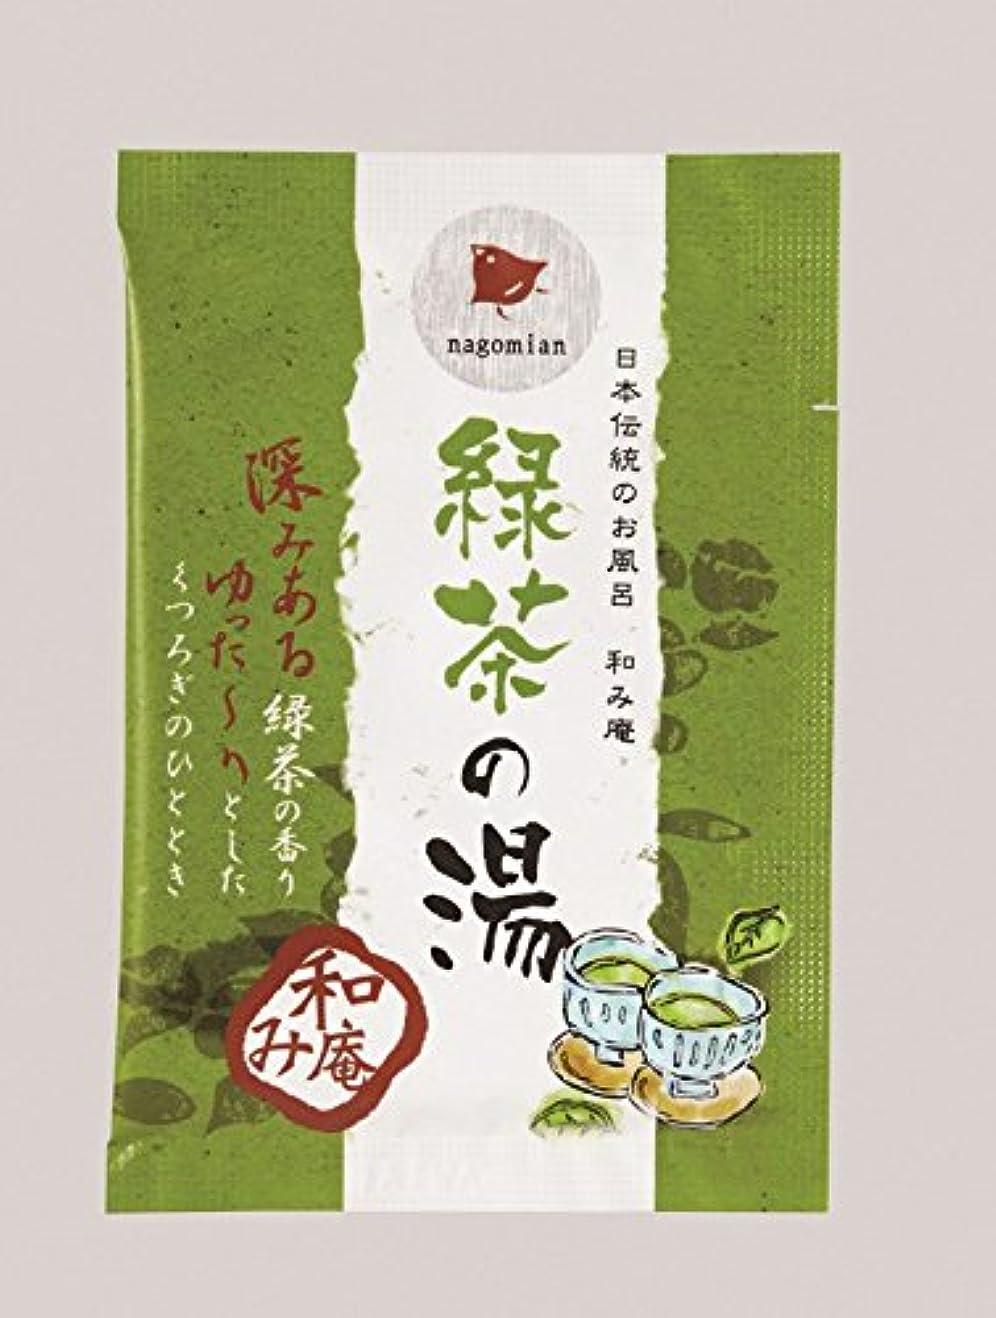 主権者リスク評価入浴剤 和み庵(緑茶の湯)25g ケース 800個入り